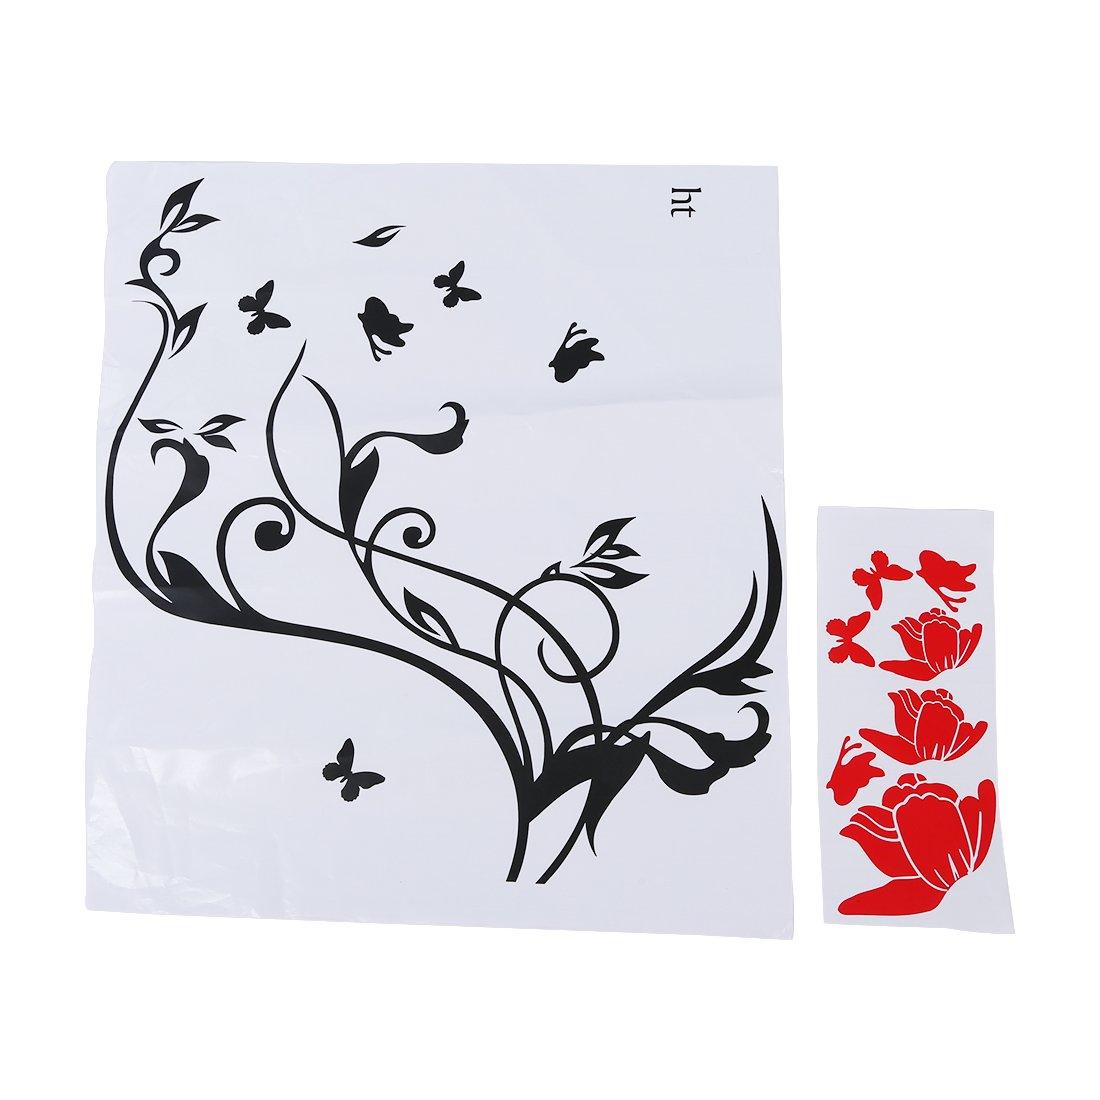 Pegatina Adhesivo vinilo decorativo pared Letras Flor Mariposa Rojo 60*55CM: Amazon.es: Hogar